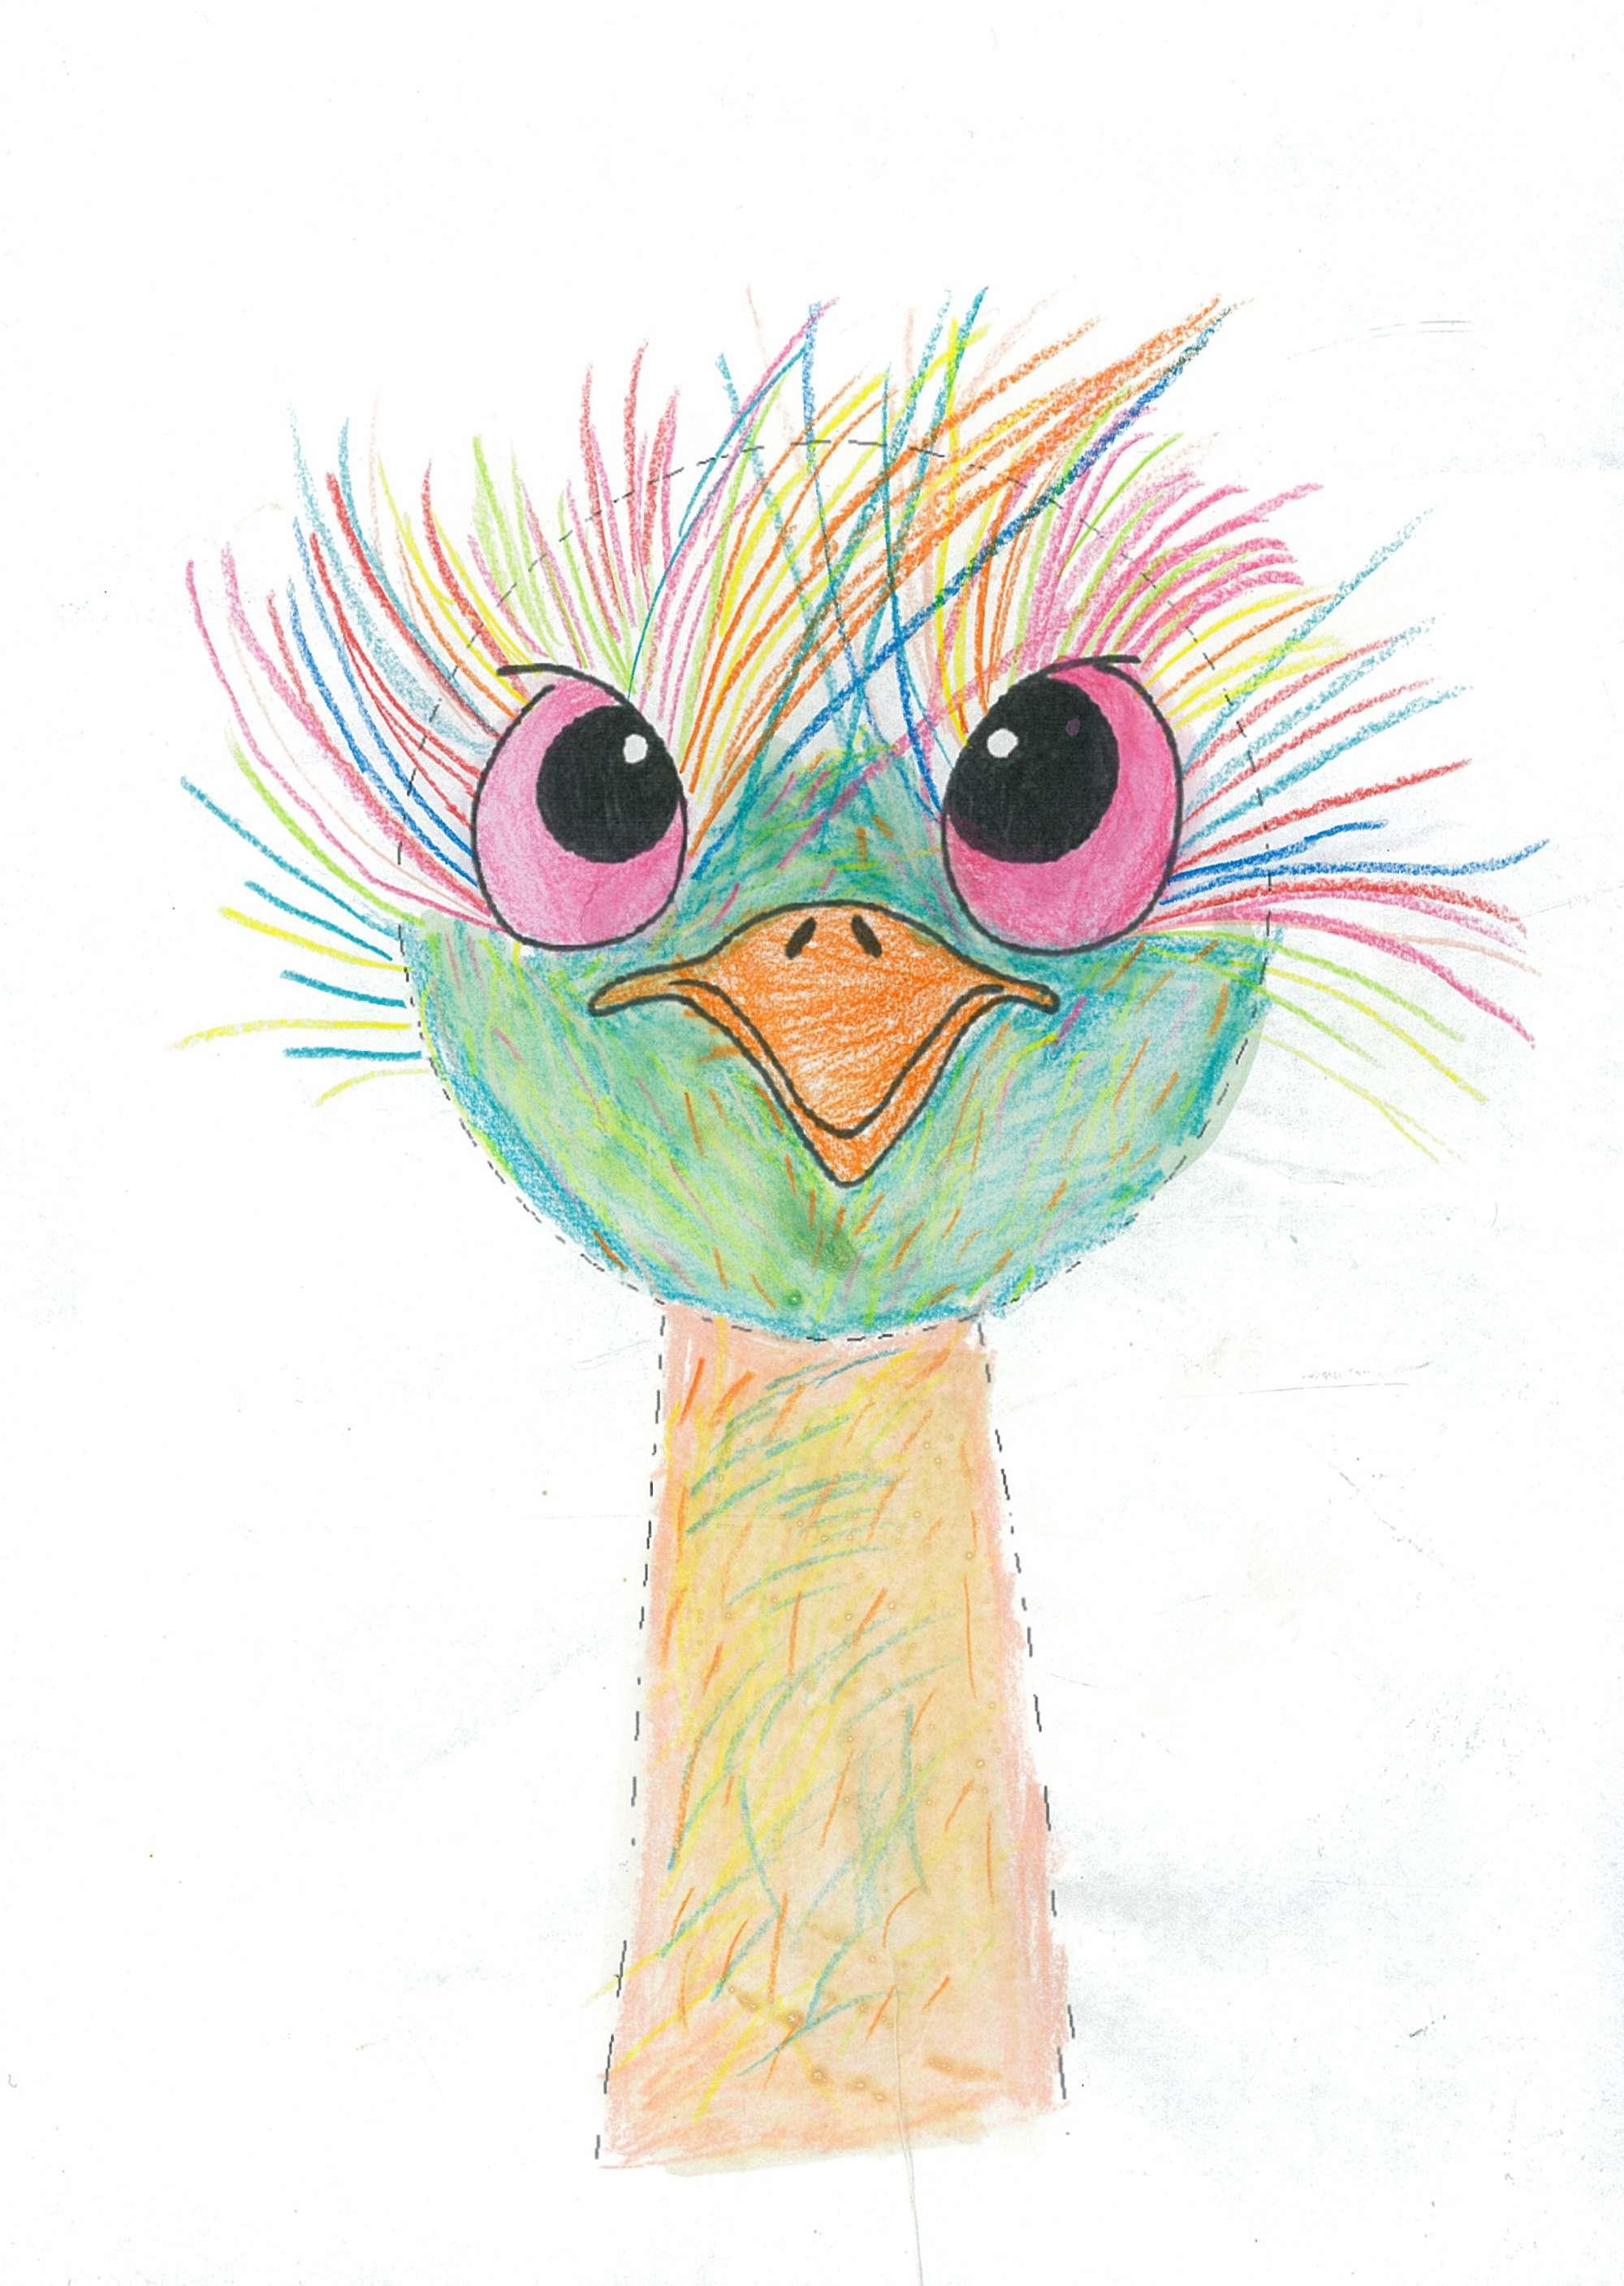 The Colourful Emu